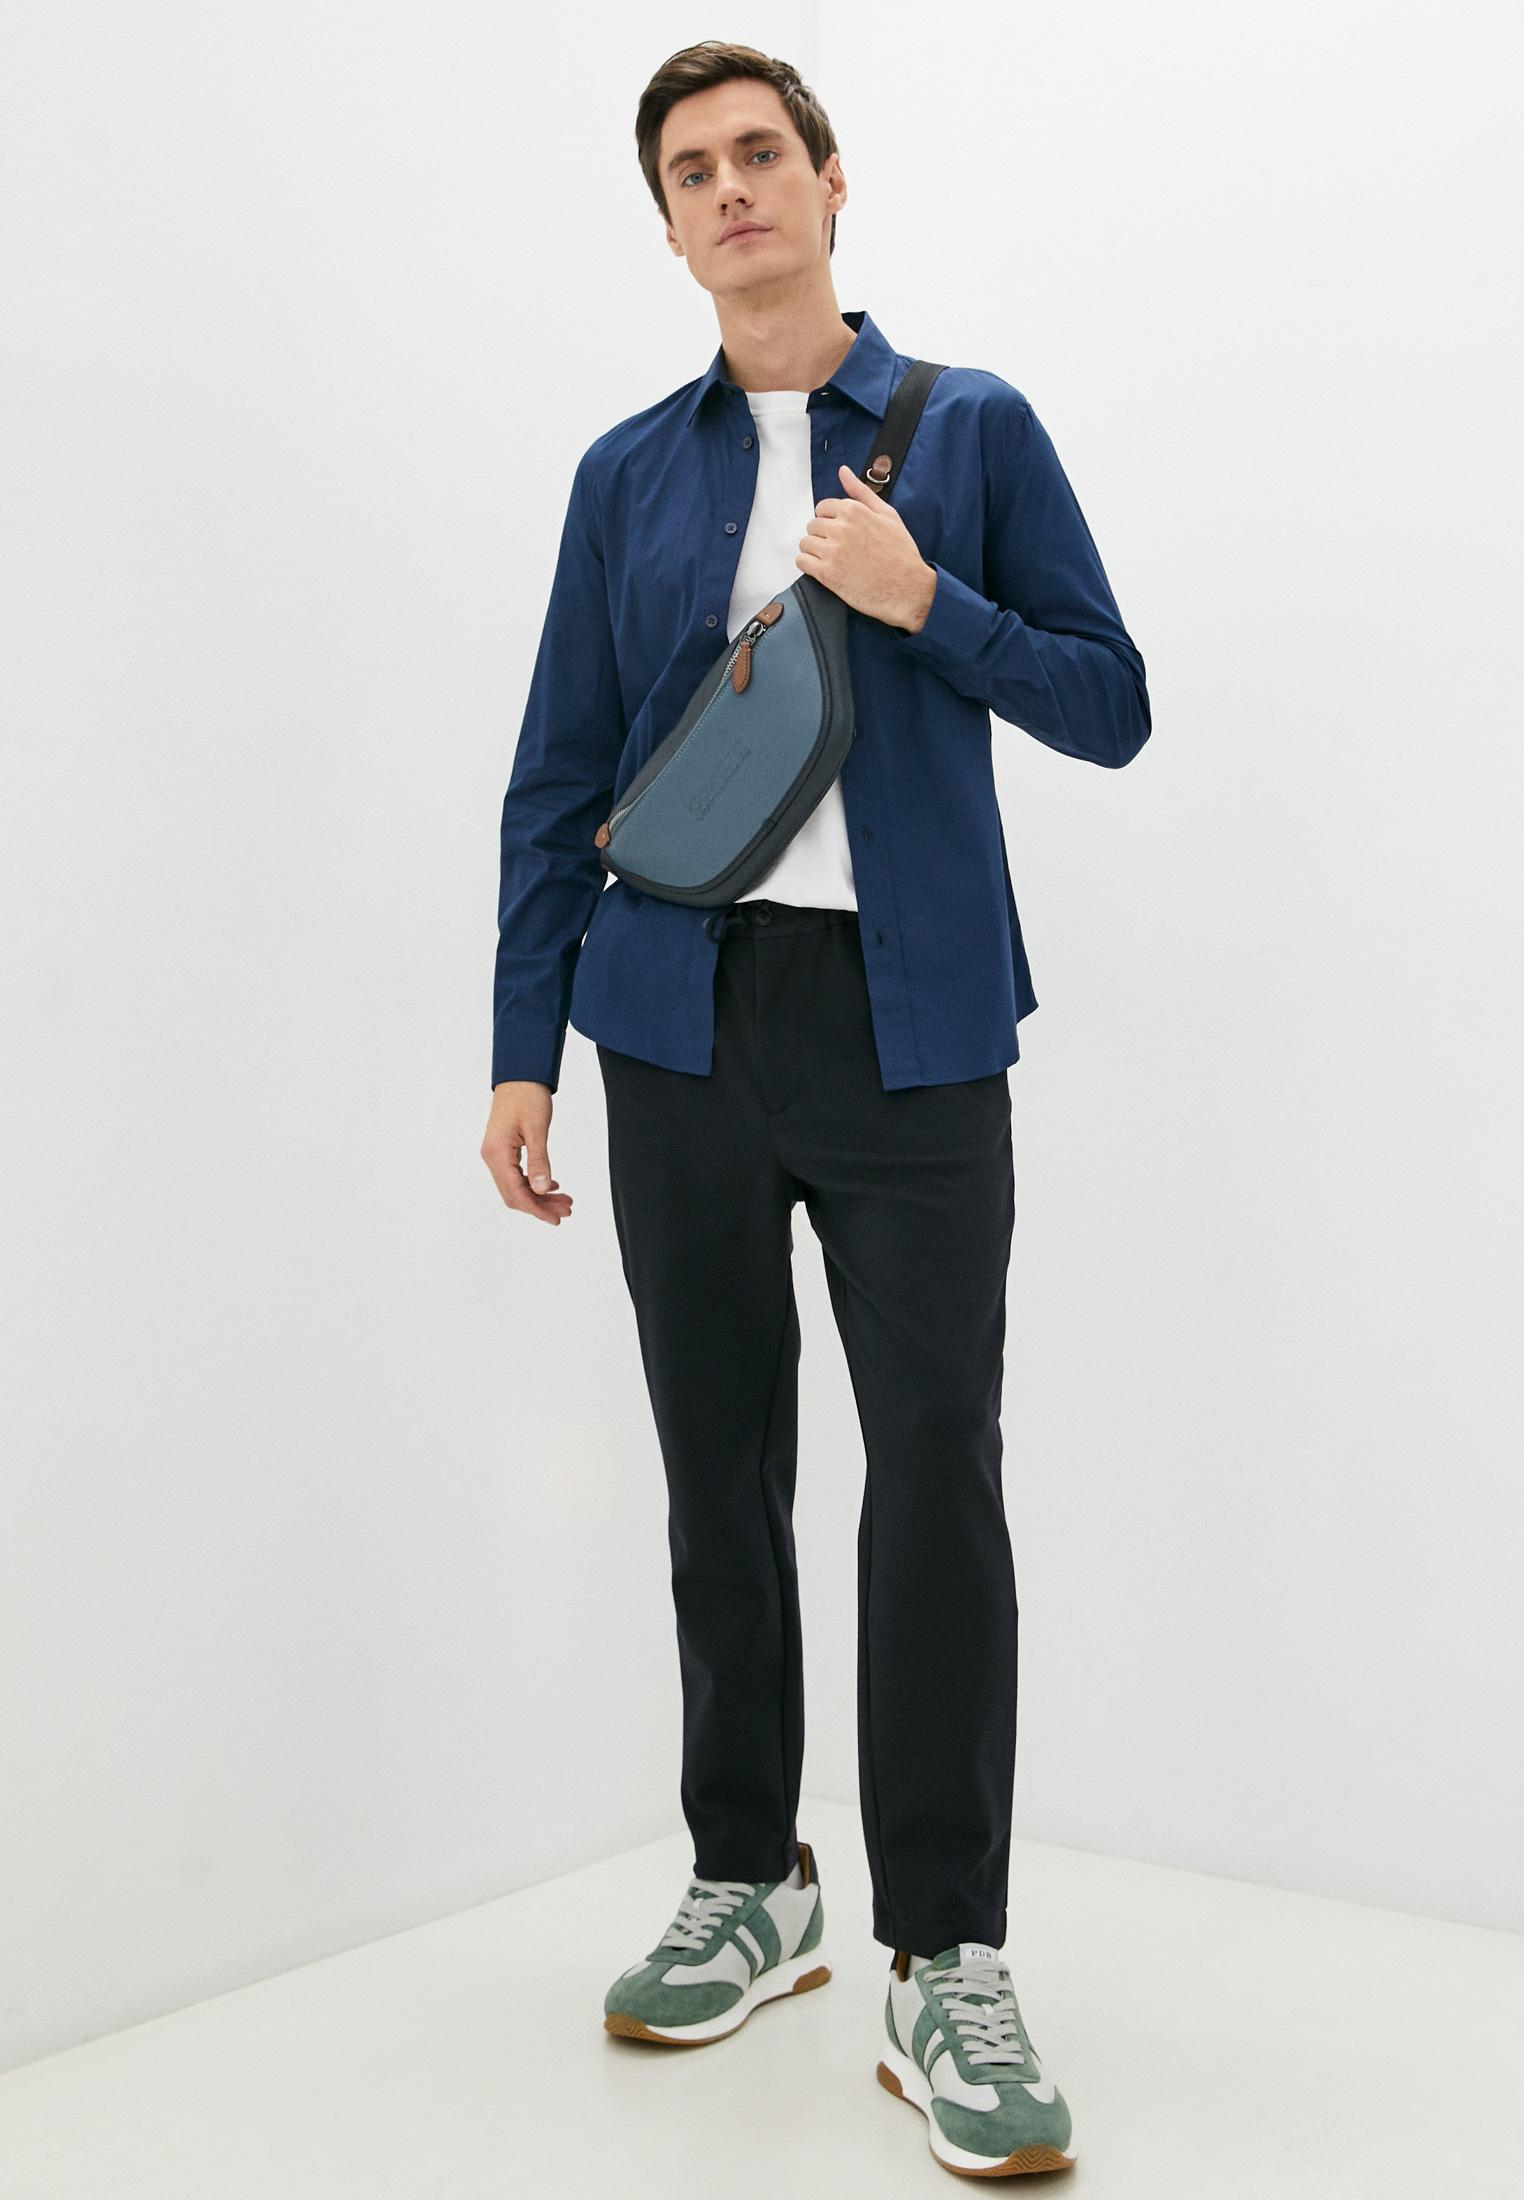 Рубашка с длинным рукавом Bikkembergs (Биккембергс) C C 055 81 S 2931: изображение 8